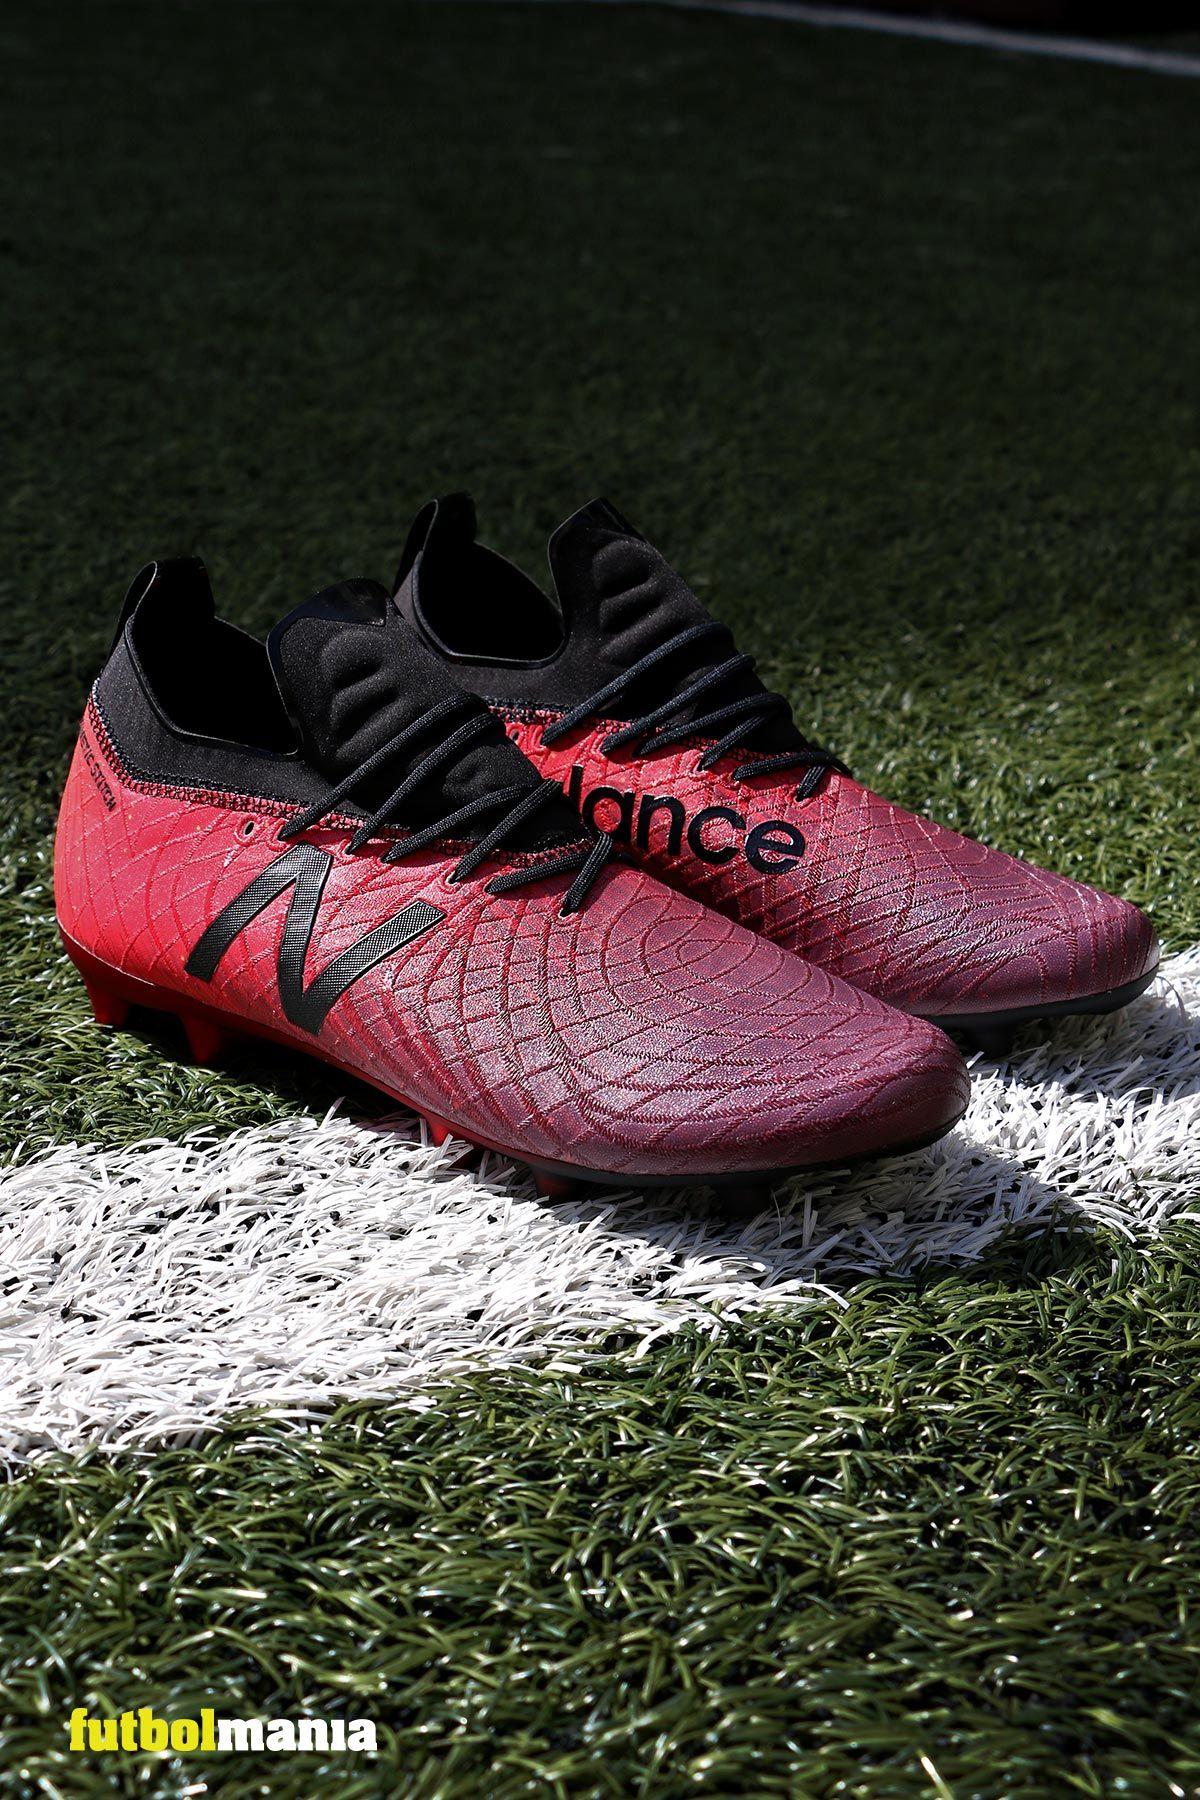 4fa0bbc2c78 Nuevas botas de fútbol con tacos New Balance Tekela. 💥Edición limitada.  Colección Lite Shift. Consíguelas en futbolmania.com o en nuestra tienda  (Ronda ...